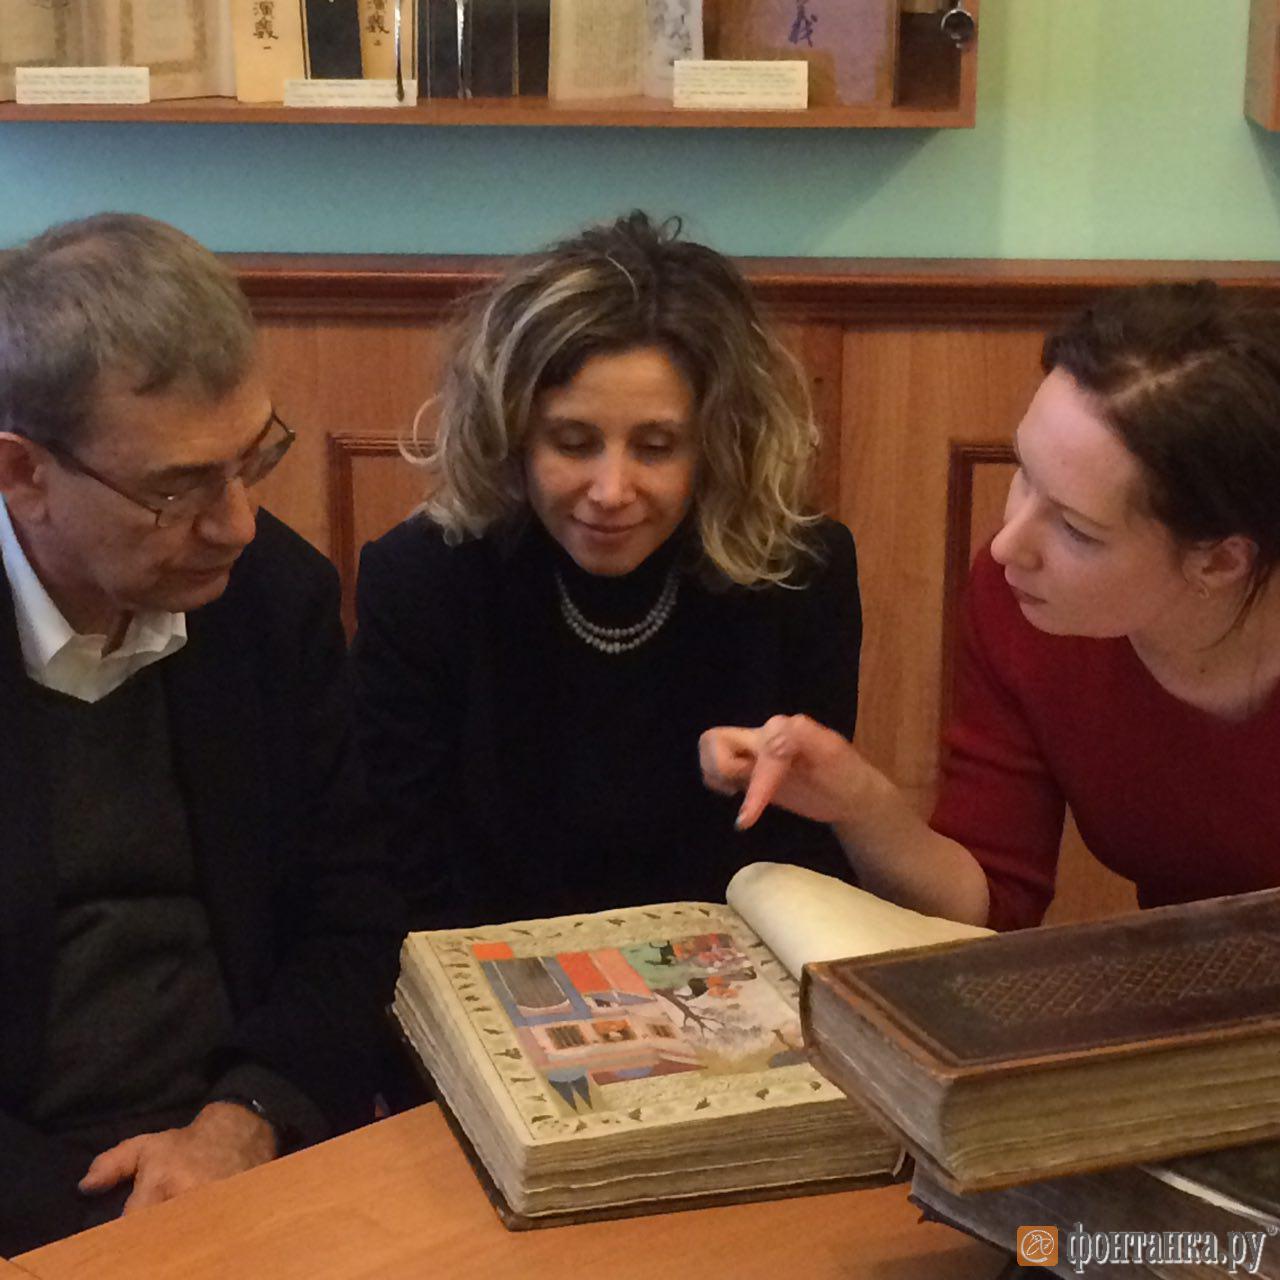 Орхан Памук, его супруга, и переводчик Аполлинария Аврутина рассматривают рукописи.